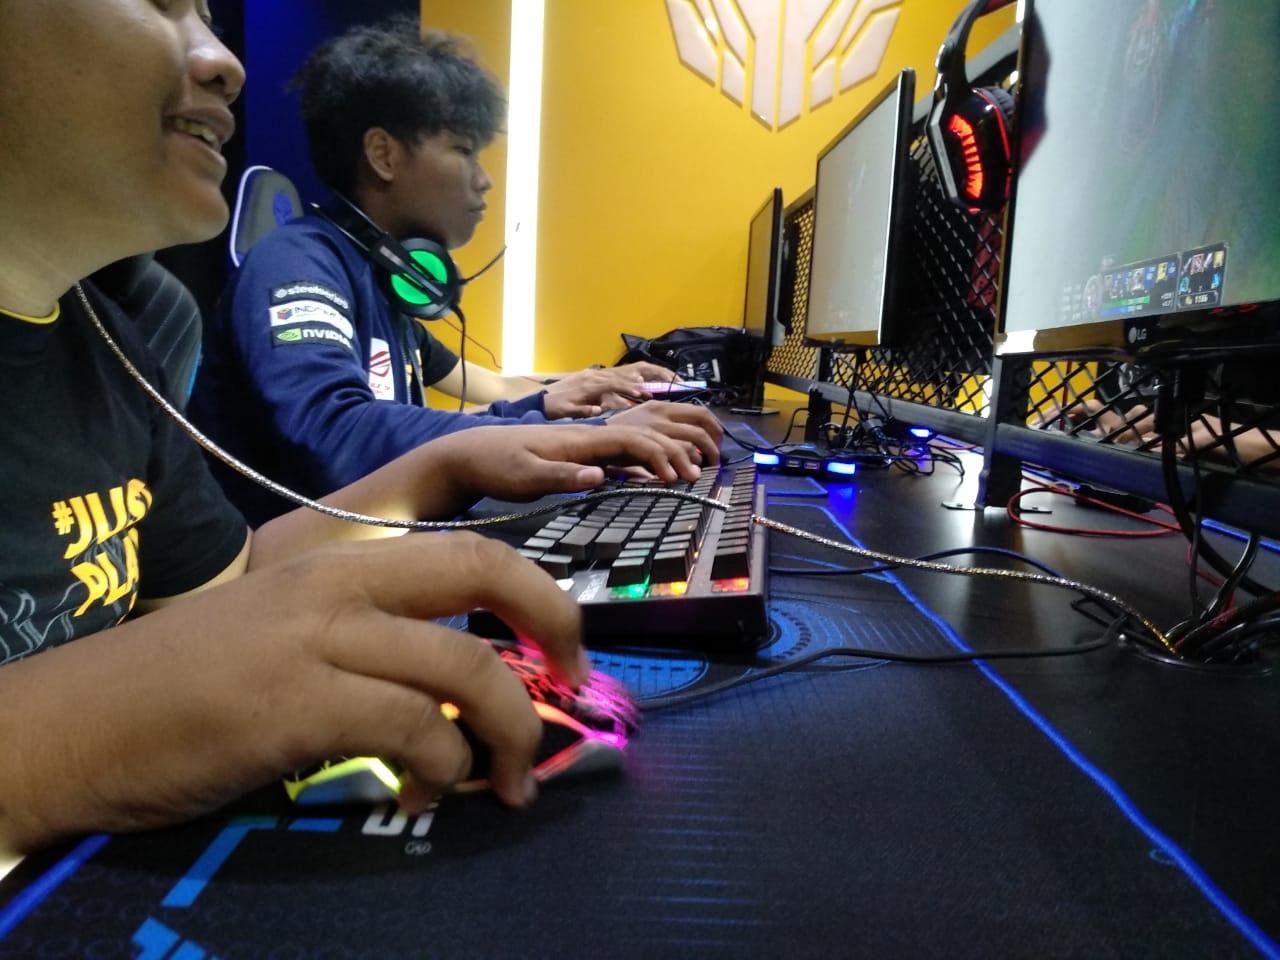 komputer gaming Gamers, Berapa Kapasitas RAM yang Ideal untuk Komputer Gaming? WhatsApp Image 2019 05 15 at 16